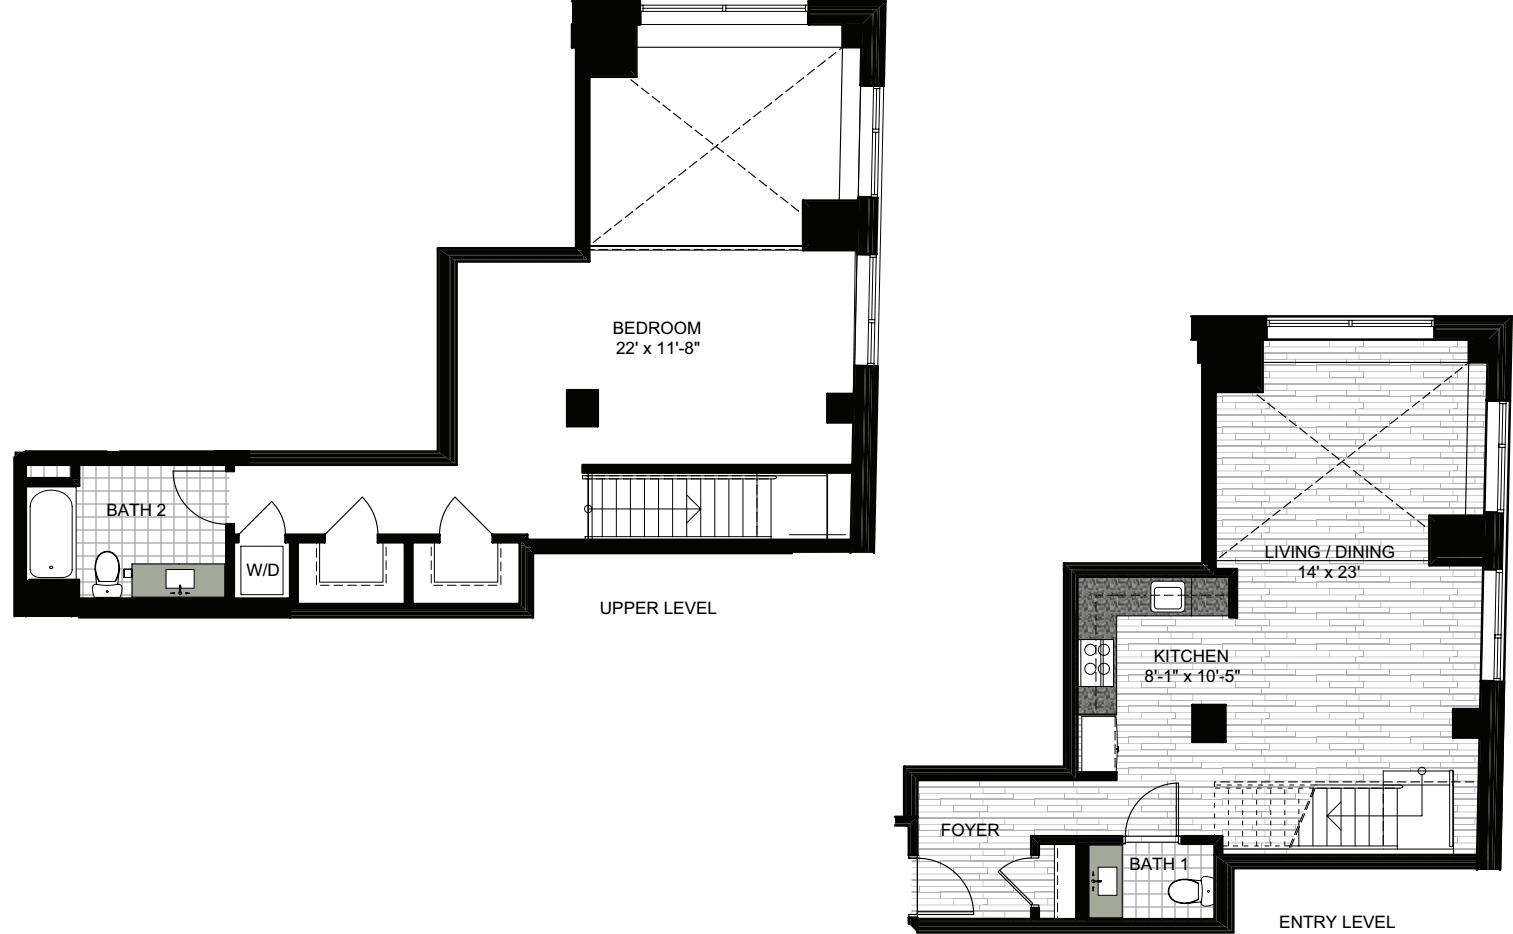 1 Bedroom OO